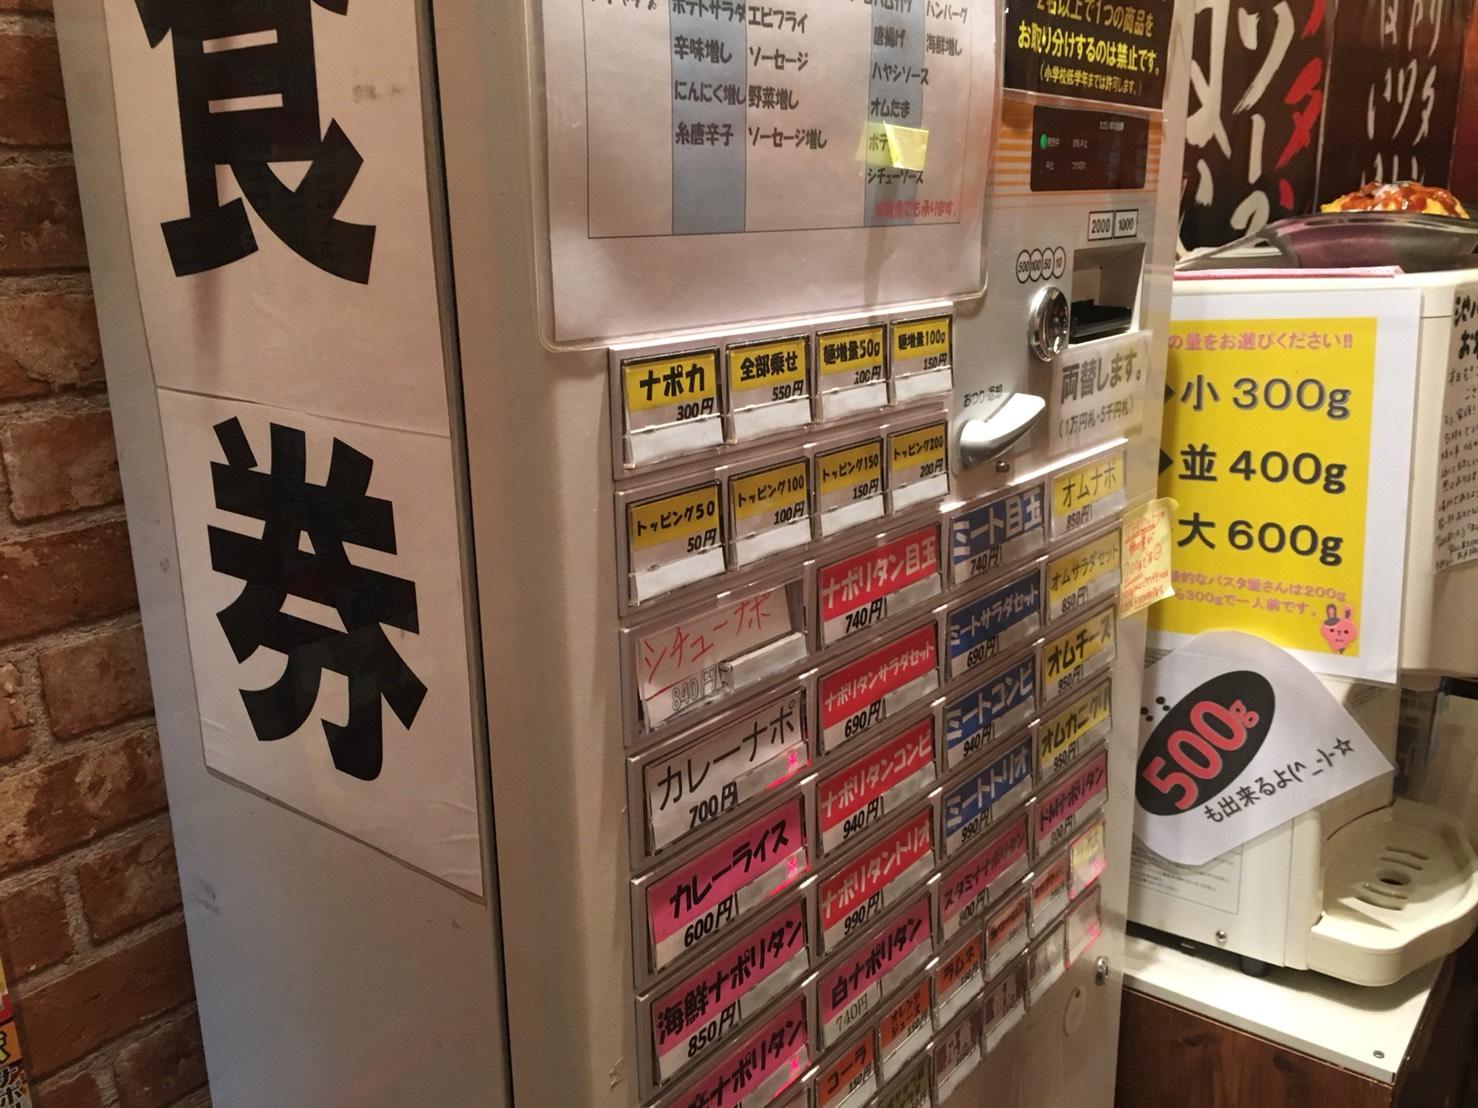 【池袋駅】がっつり食べられるカロリー地獄の激盛りナポリタン挑戦!「パンチョ 池袋店」の食券機